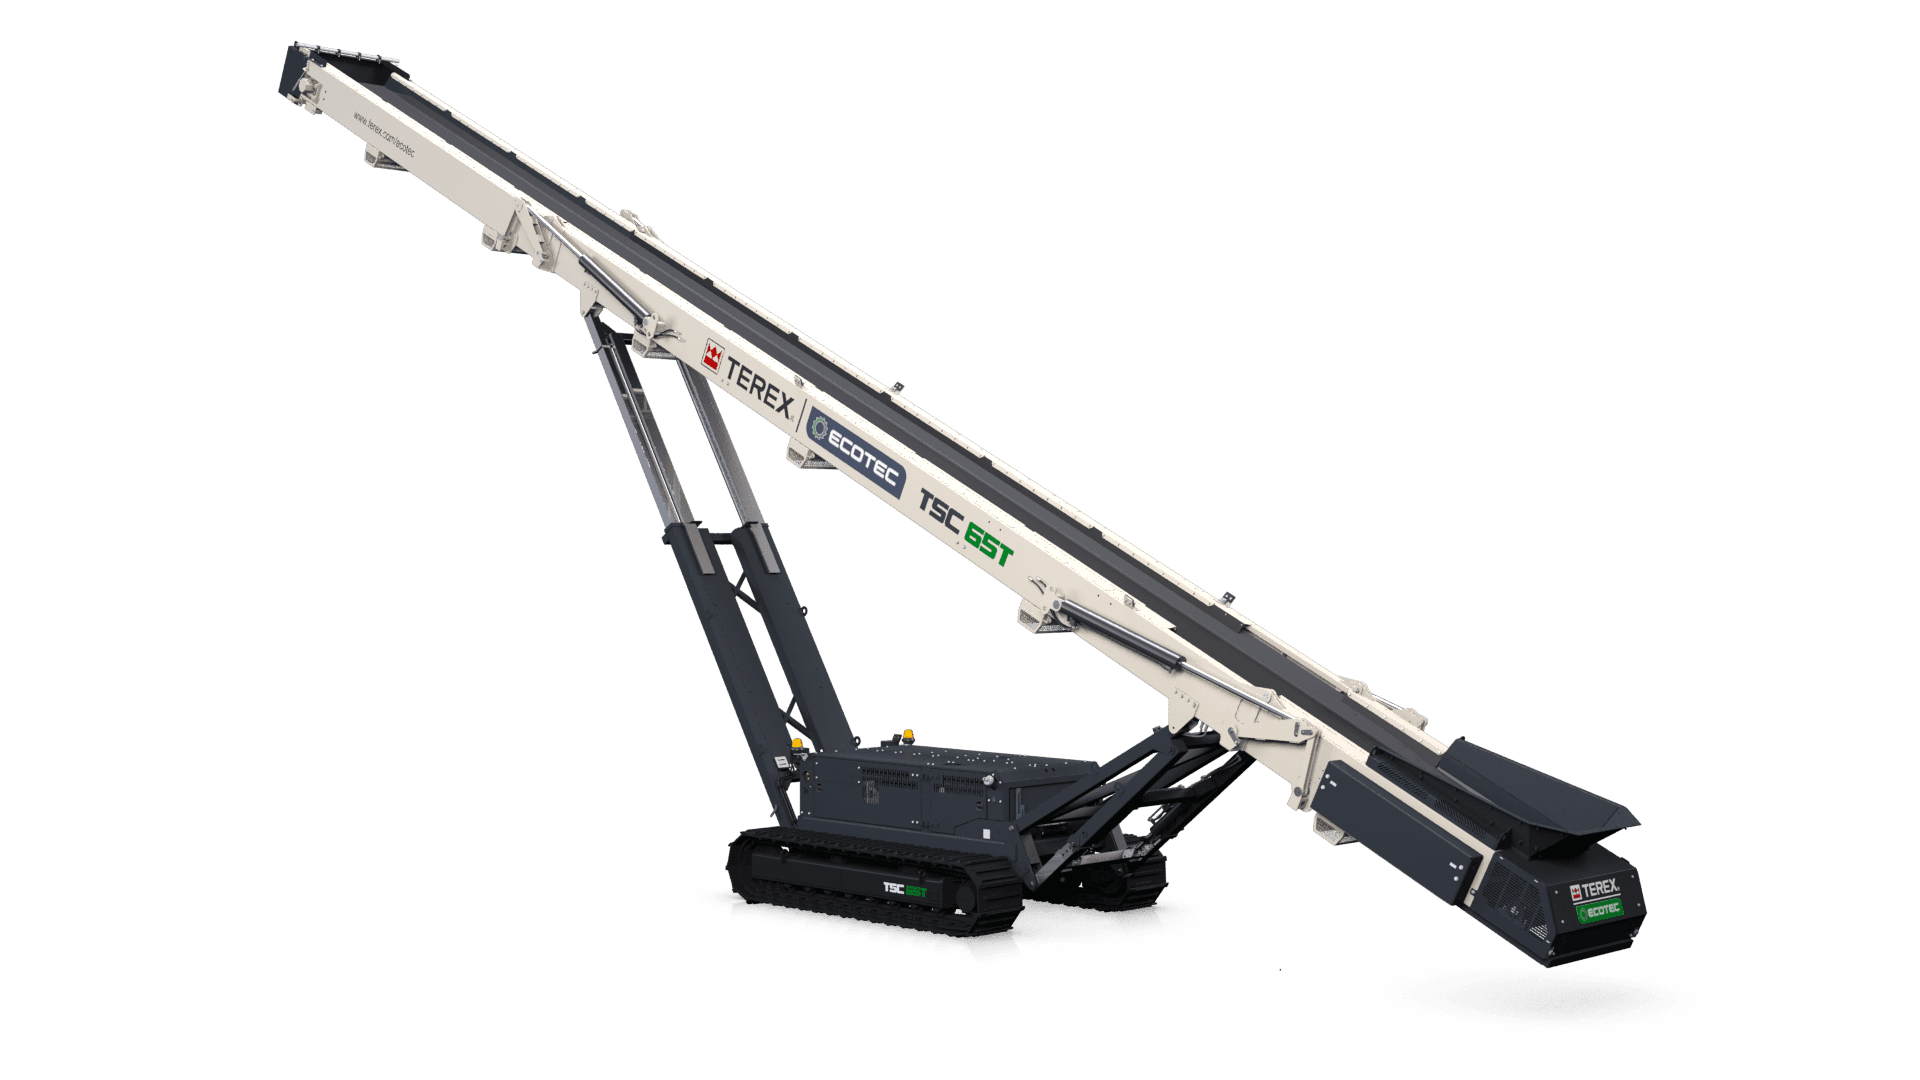 Ecotec TSC 65 tracked stacker